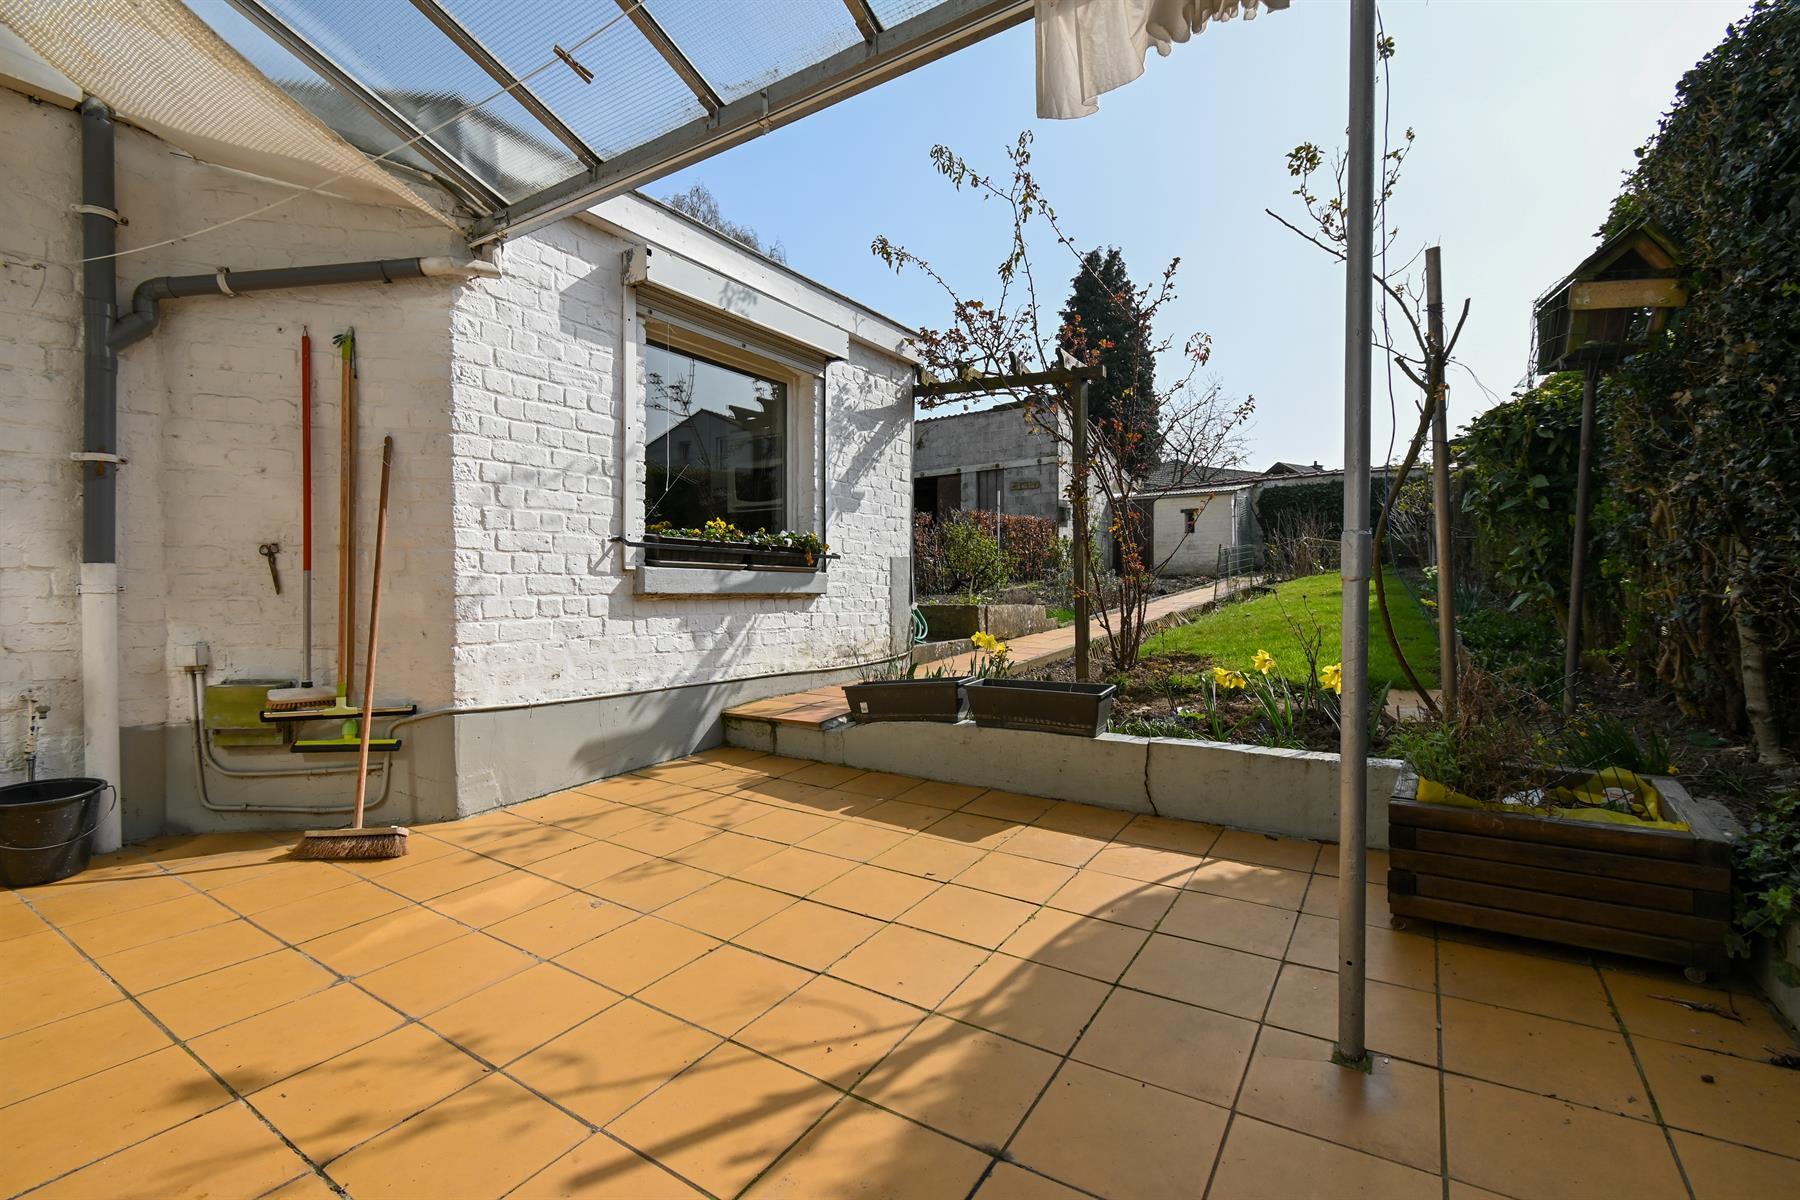 Maison - Verviers - #4344446-5